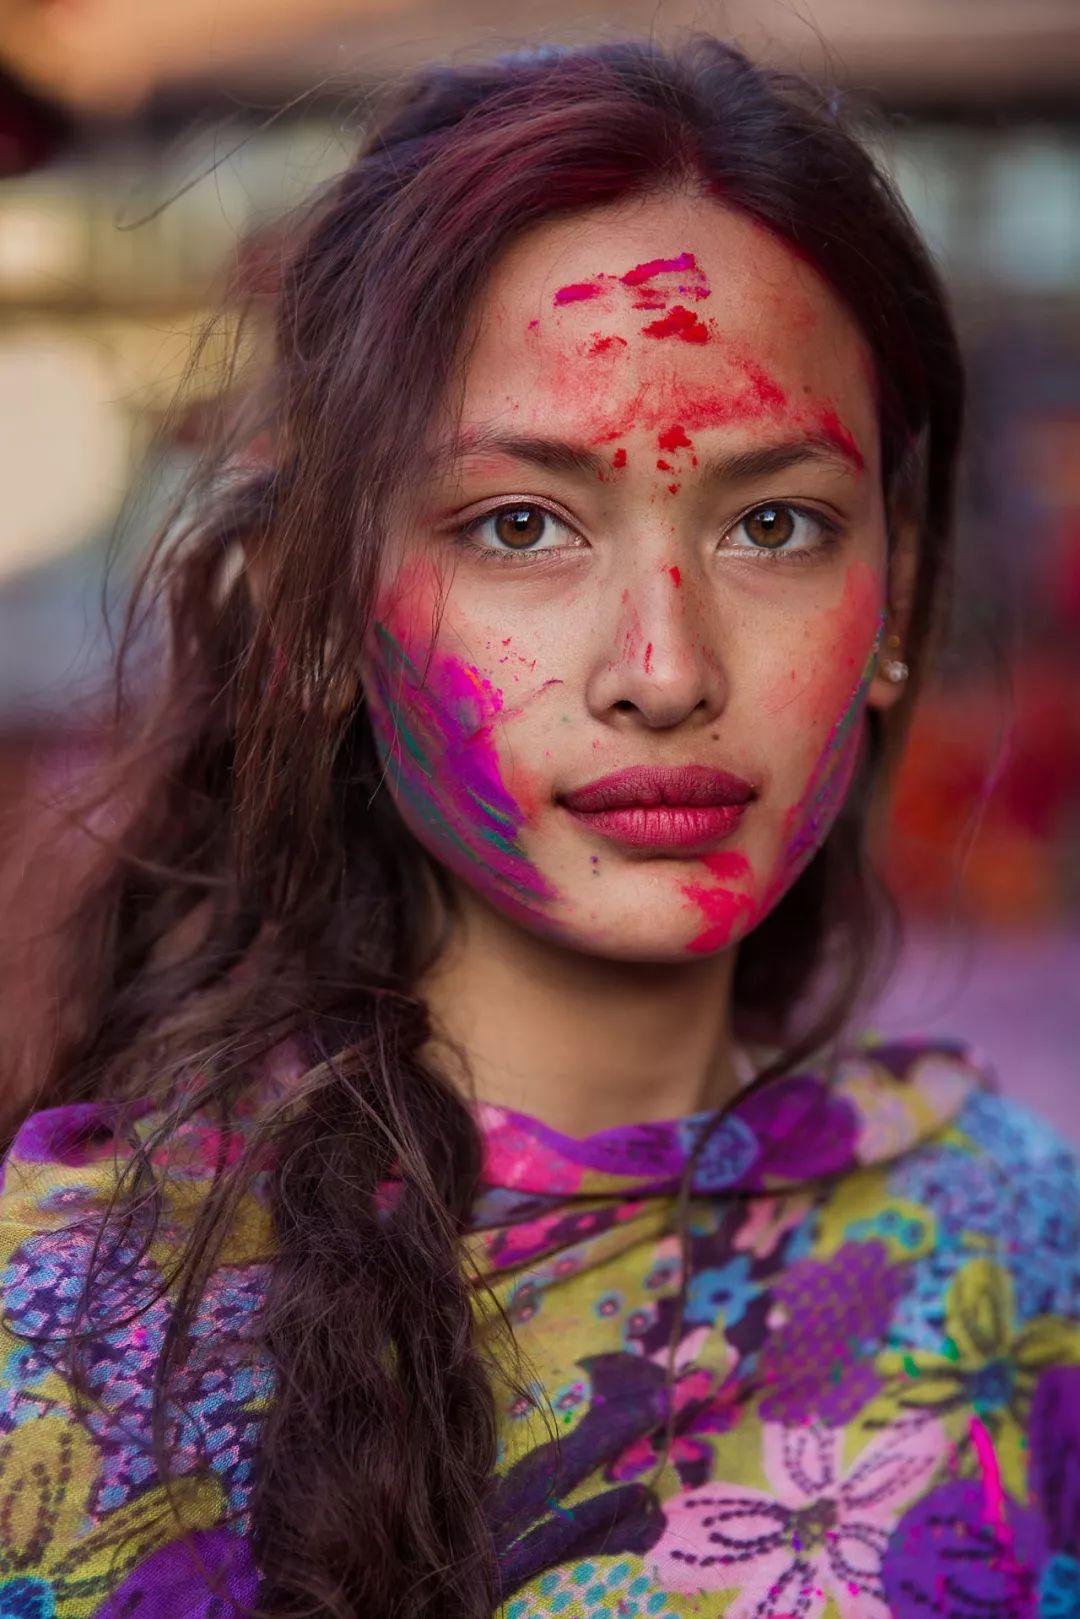 原创             她拍了2000位美女,打破网红脸审美:这样的美人,流水线生产不出 ...